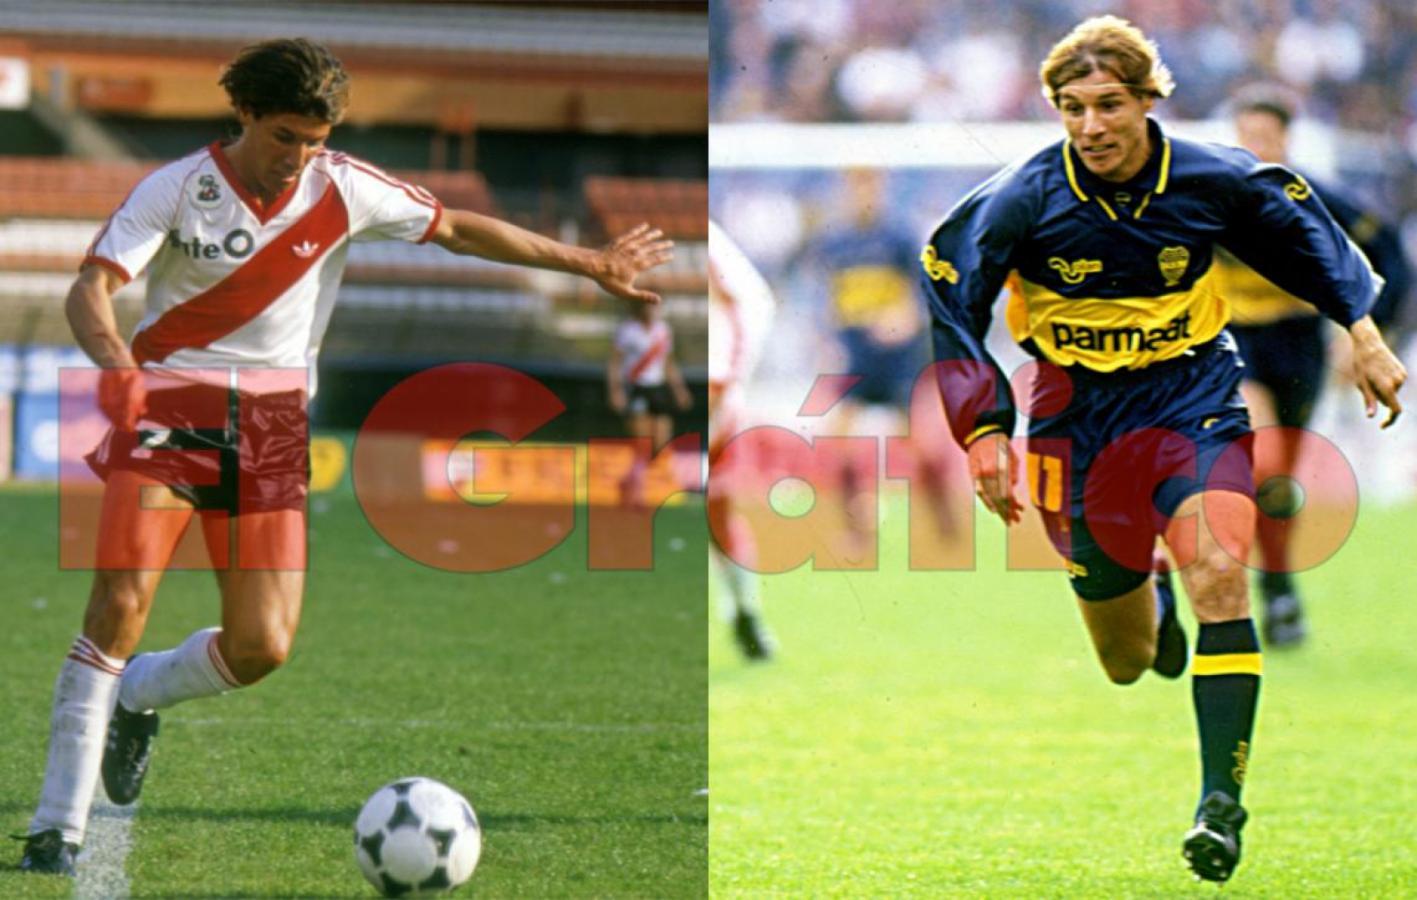 El pibe de Henderson, criado en River, cumplió el sueño de jugar en Boca.